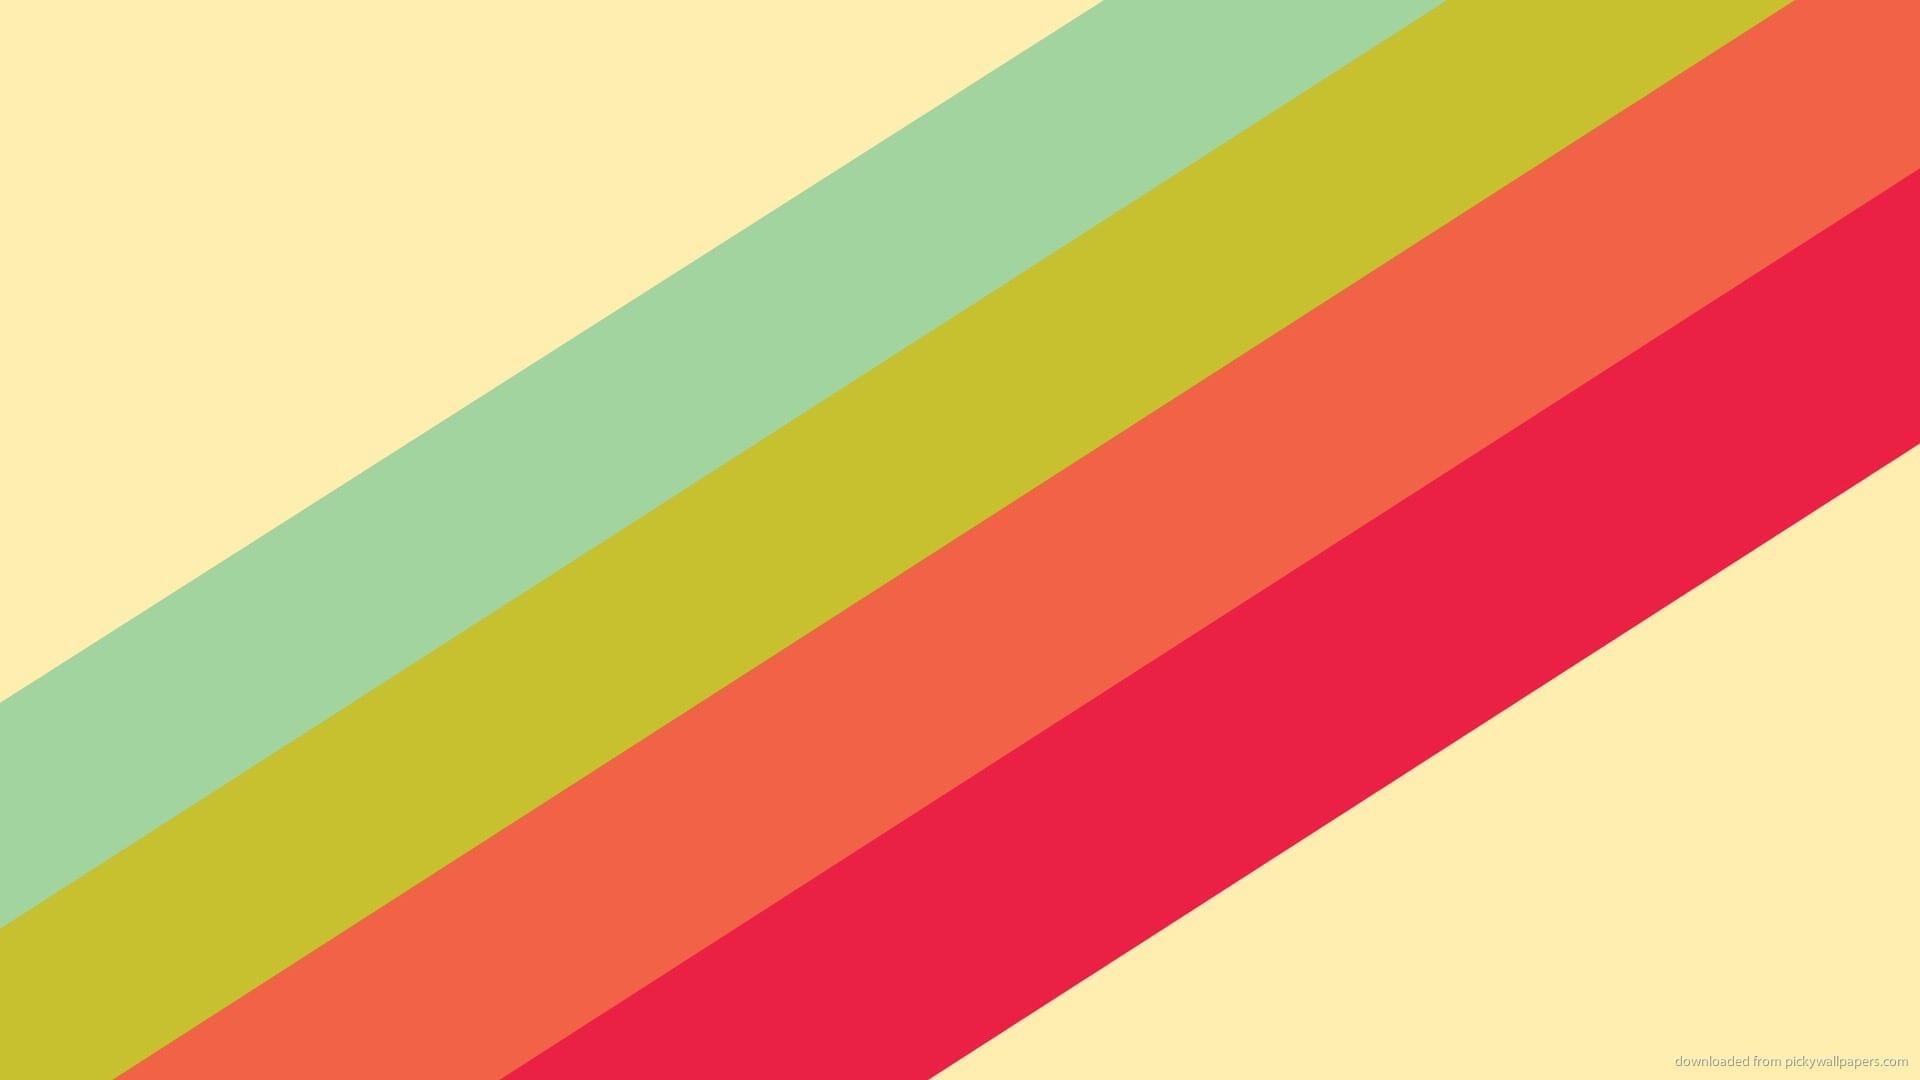 Fondos De Patalla: Los Mejores Fondos De Pantalla De Colores Para Tu Android